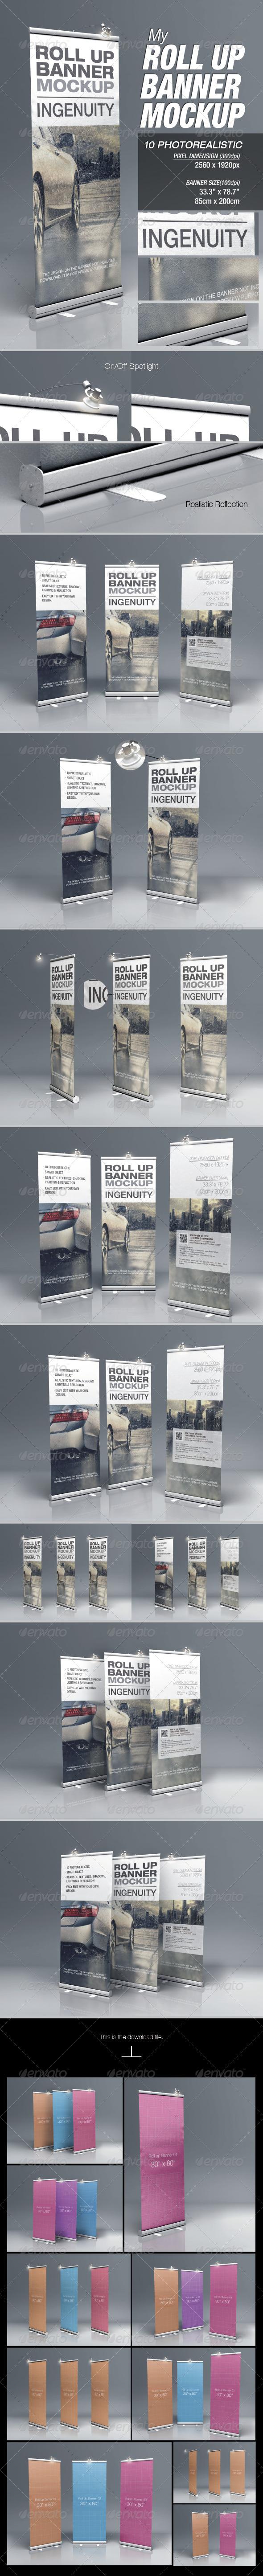 MyRoll Up Banner Mock-up - Signage Print